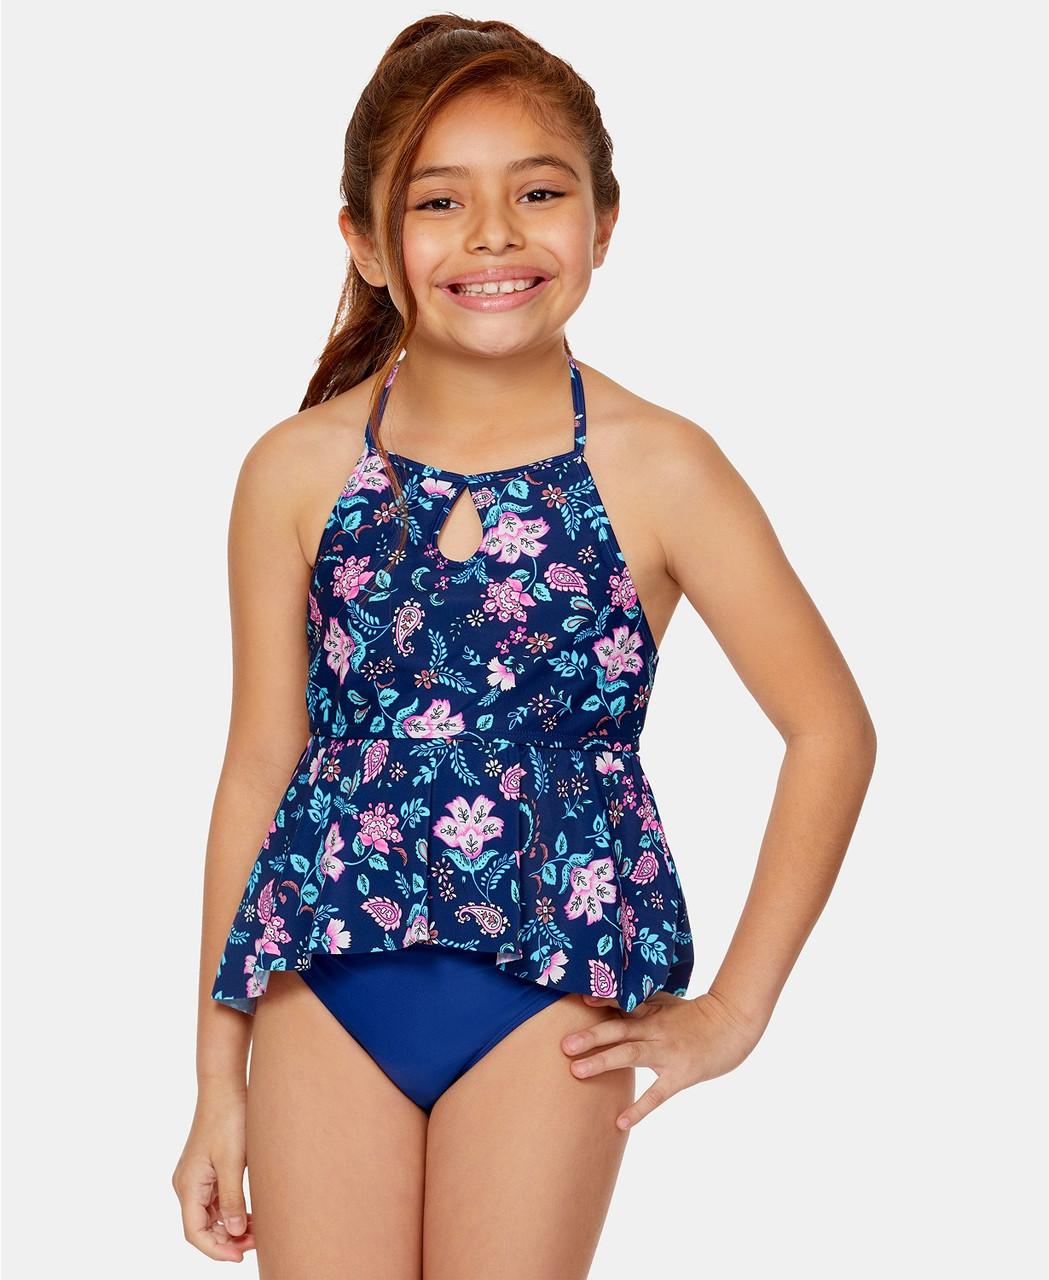 Summer Crush Детский купальник для девочек 2000000411842